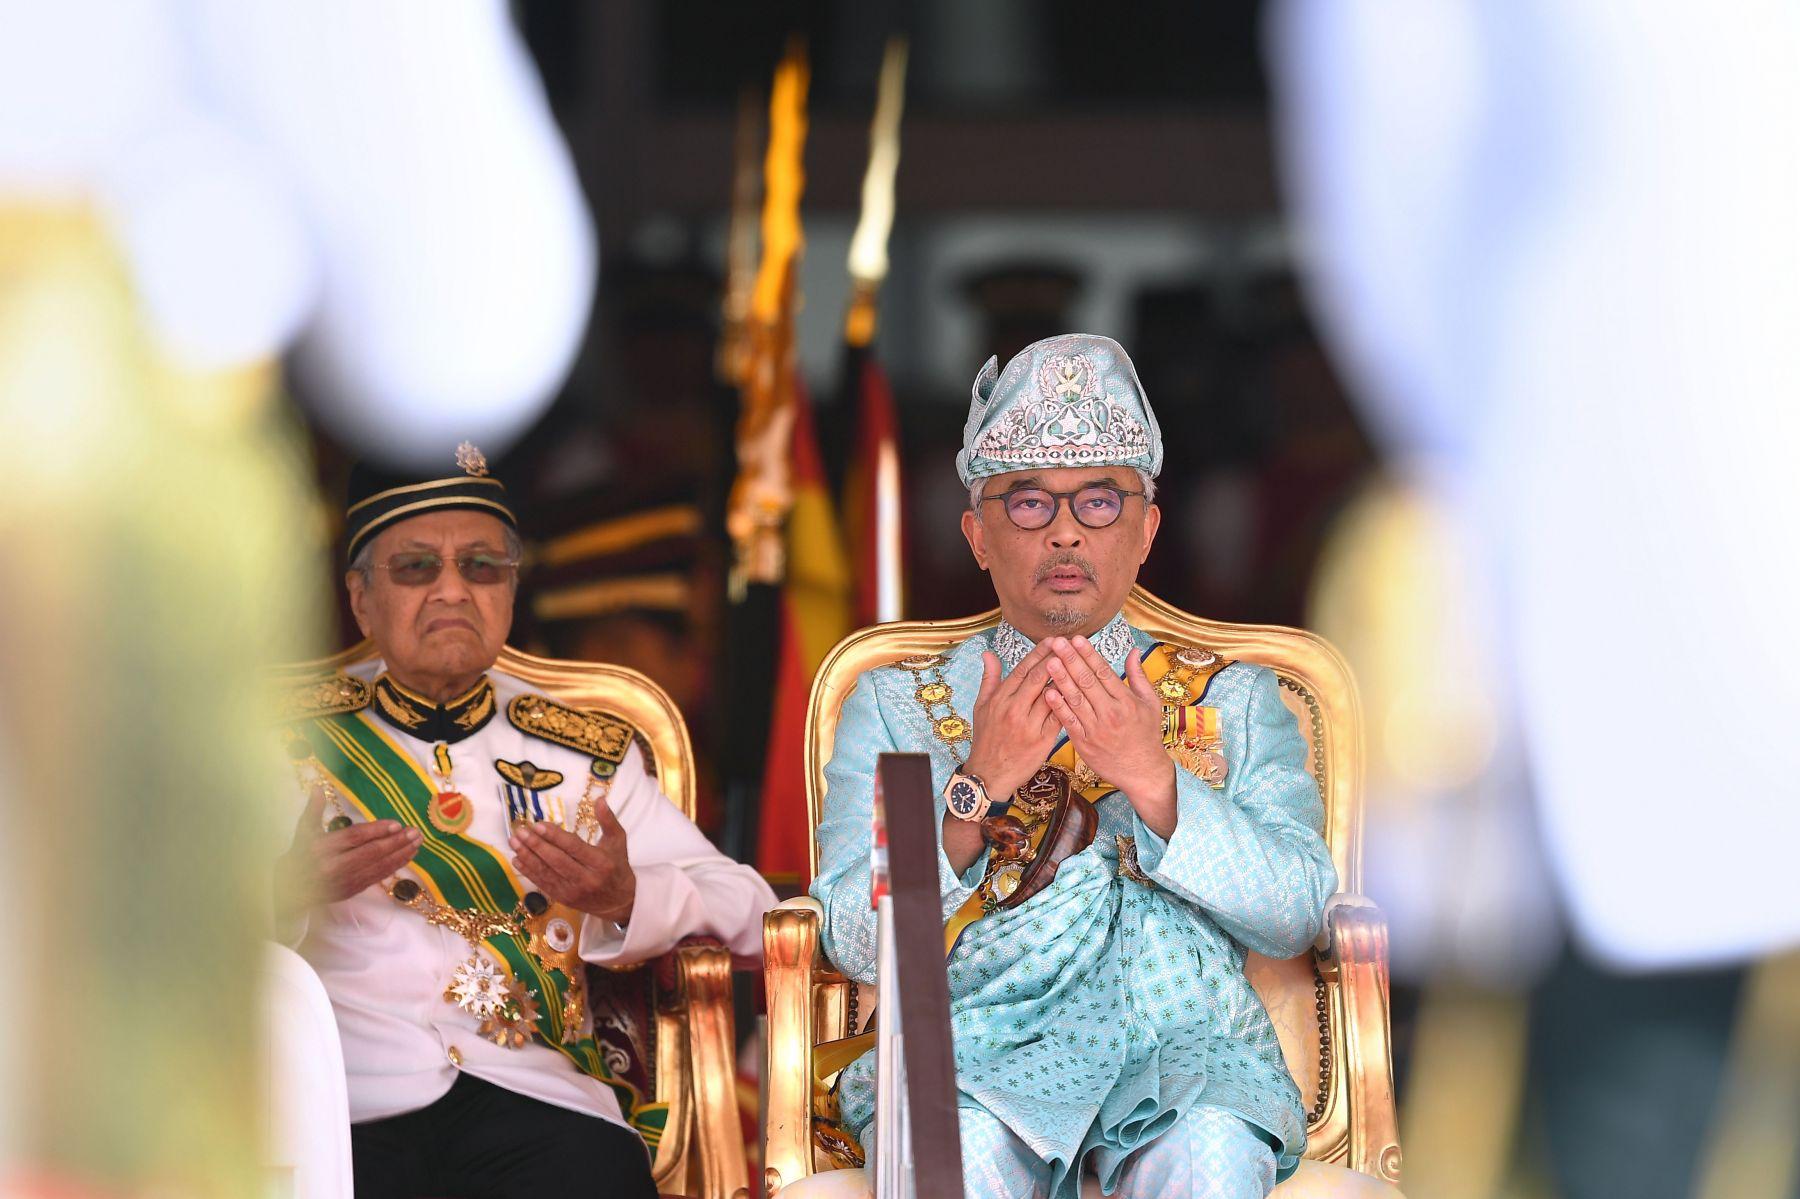 Malaysian King Yang di-Pertuan Agong Al-Sultan Abdullah Al-Haj